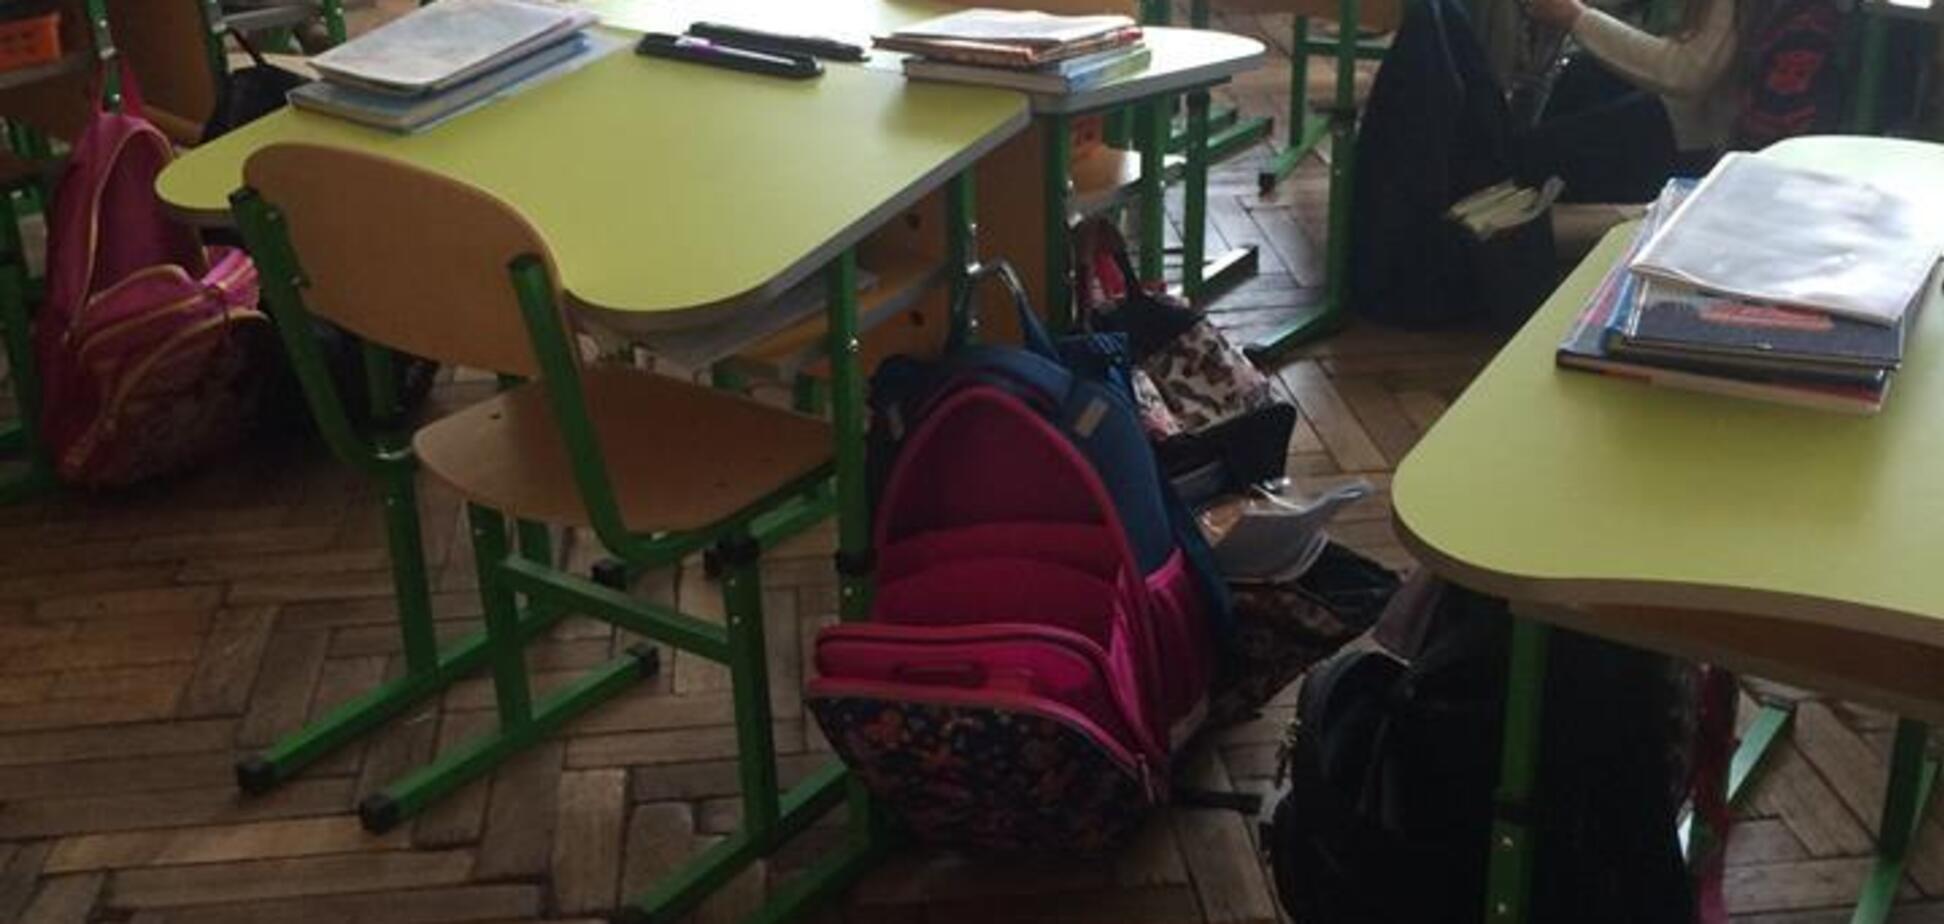 'Збіговисько садистів': у мережі розгорівся скандал навколо школи на Львівщині